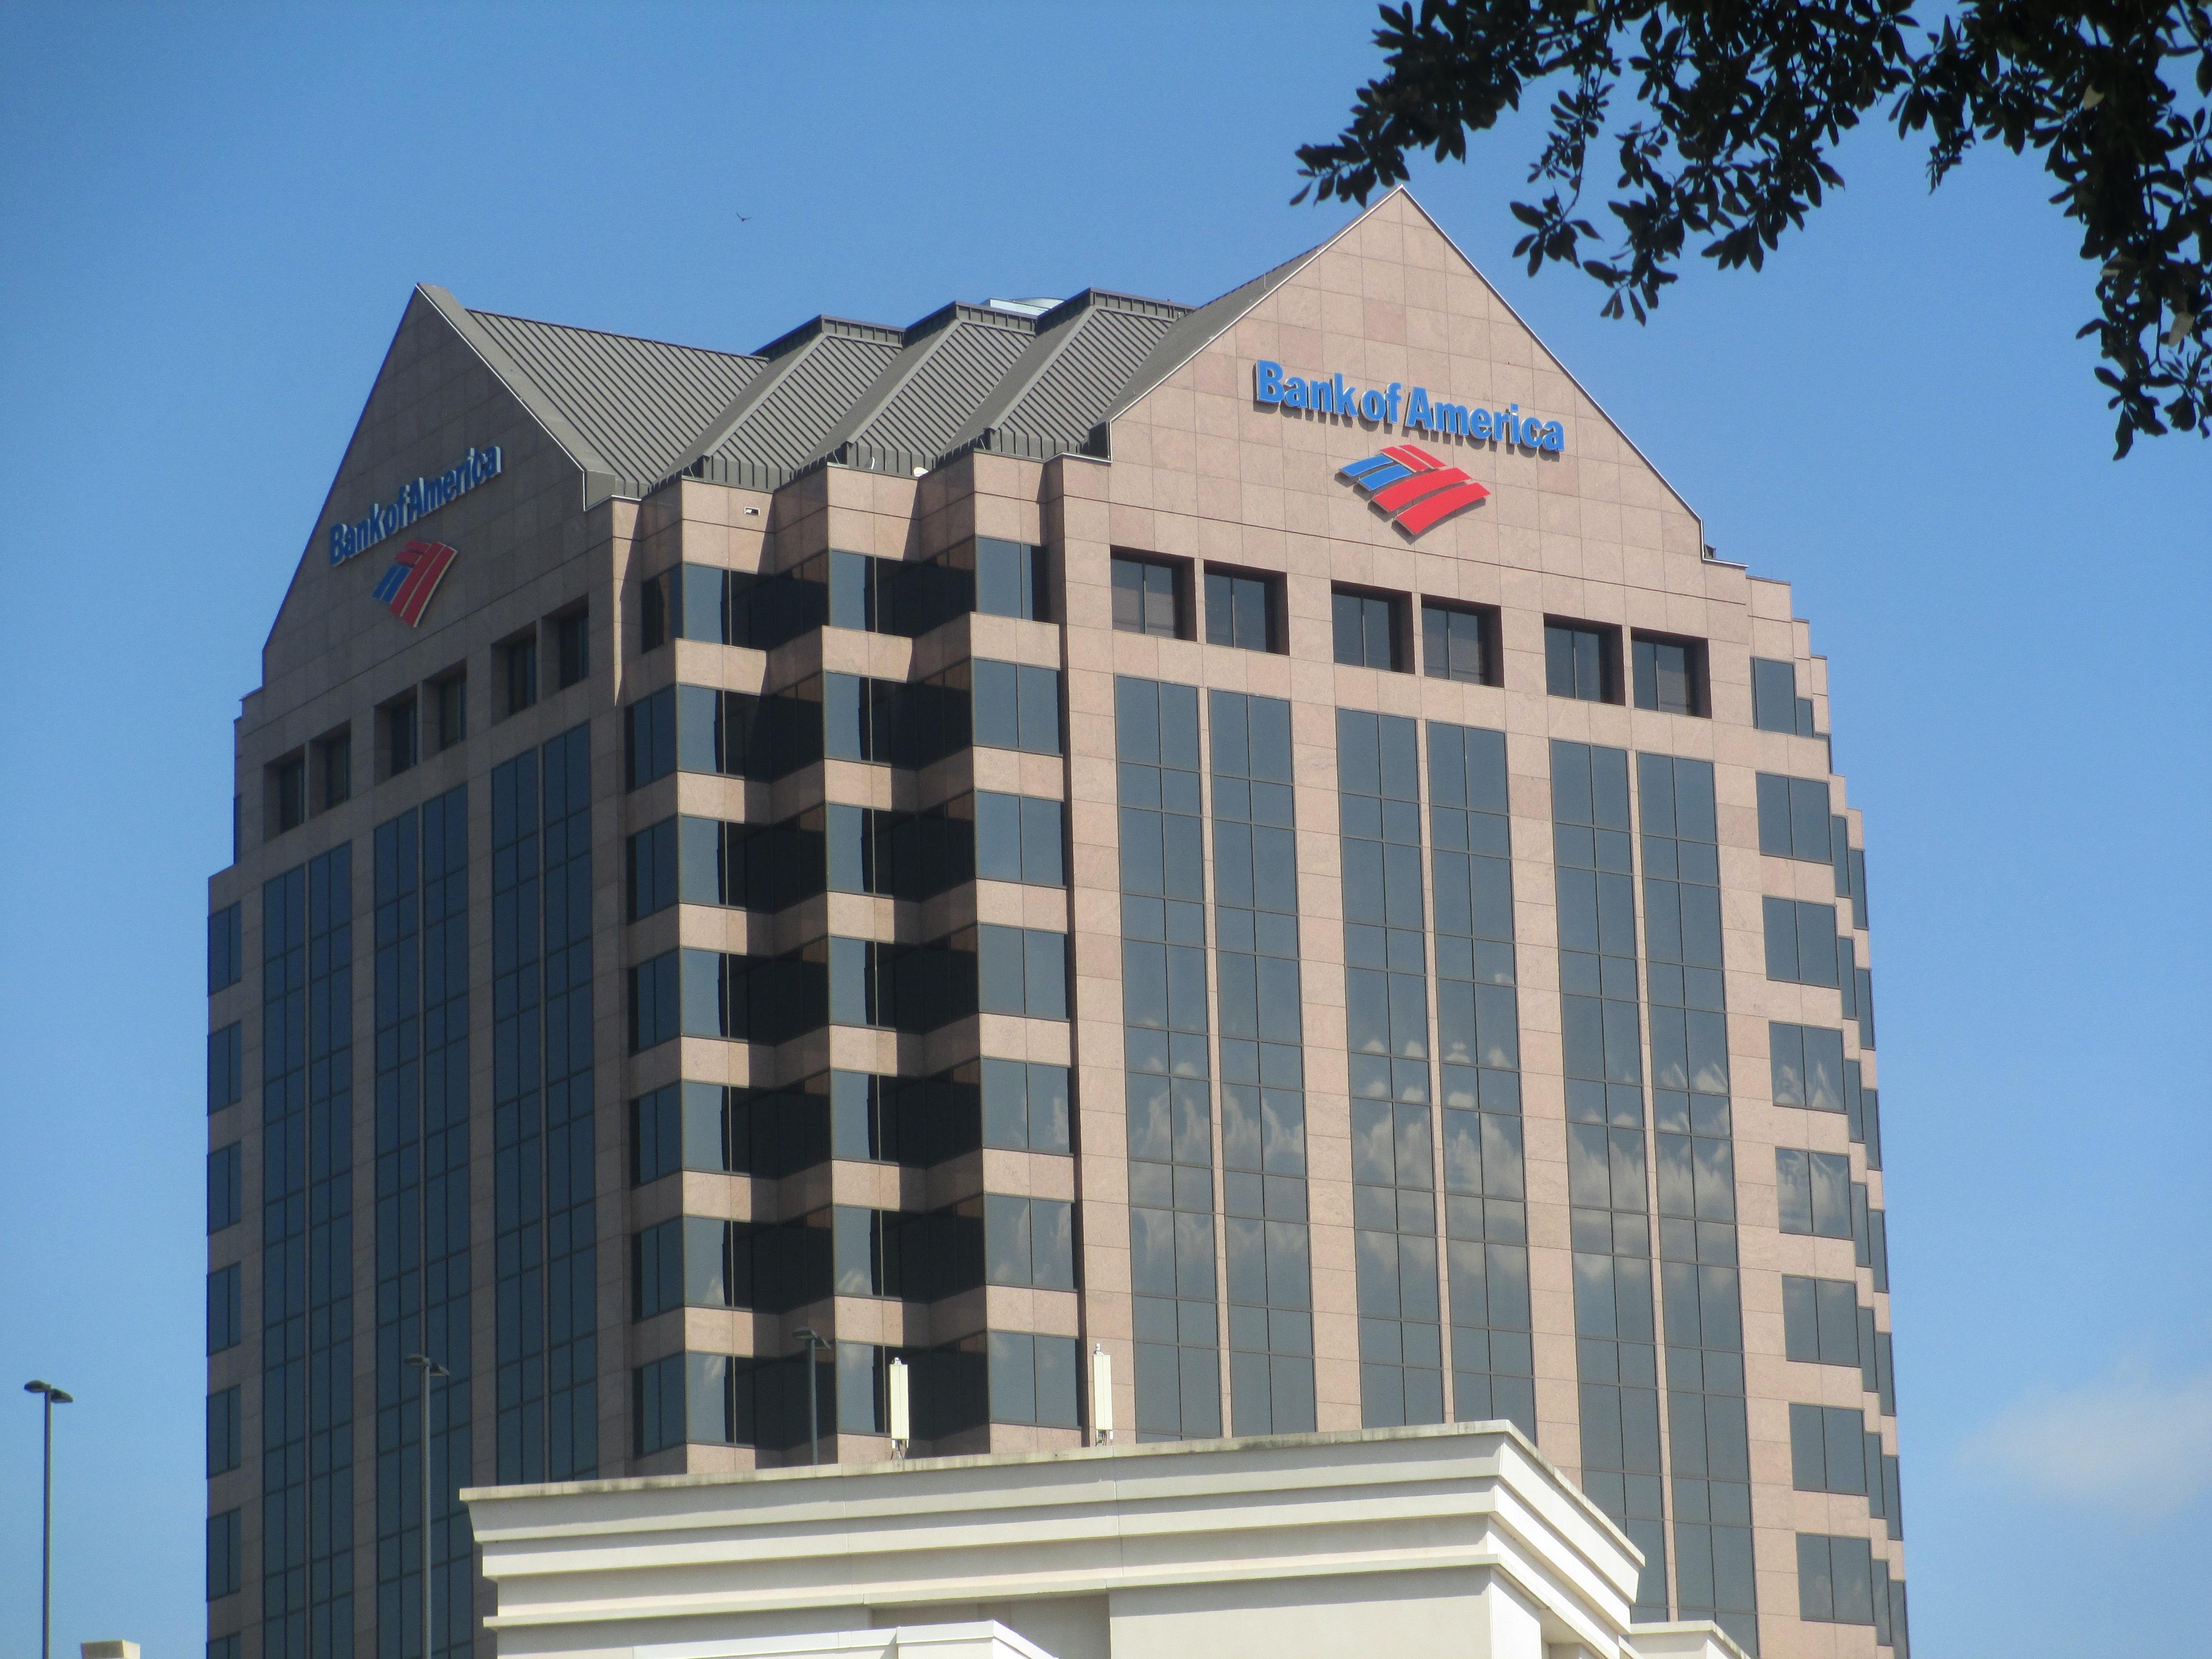 GALACTIC NEWS: Bank Of America